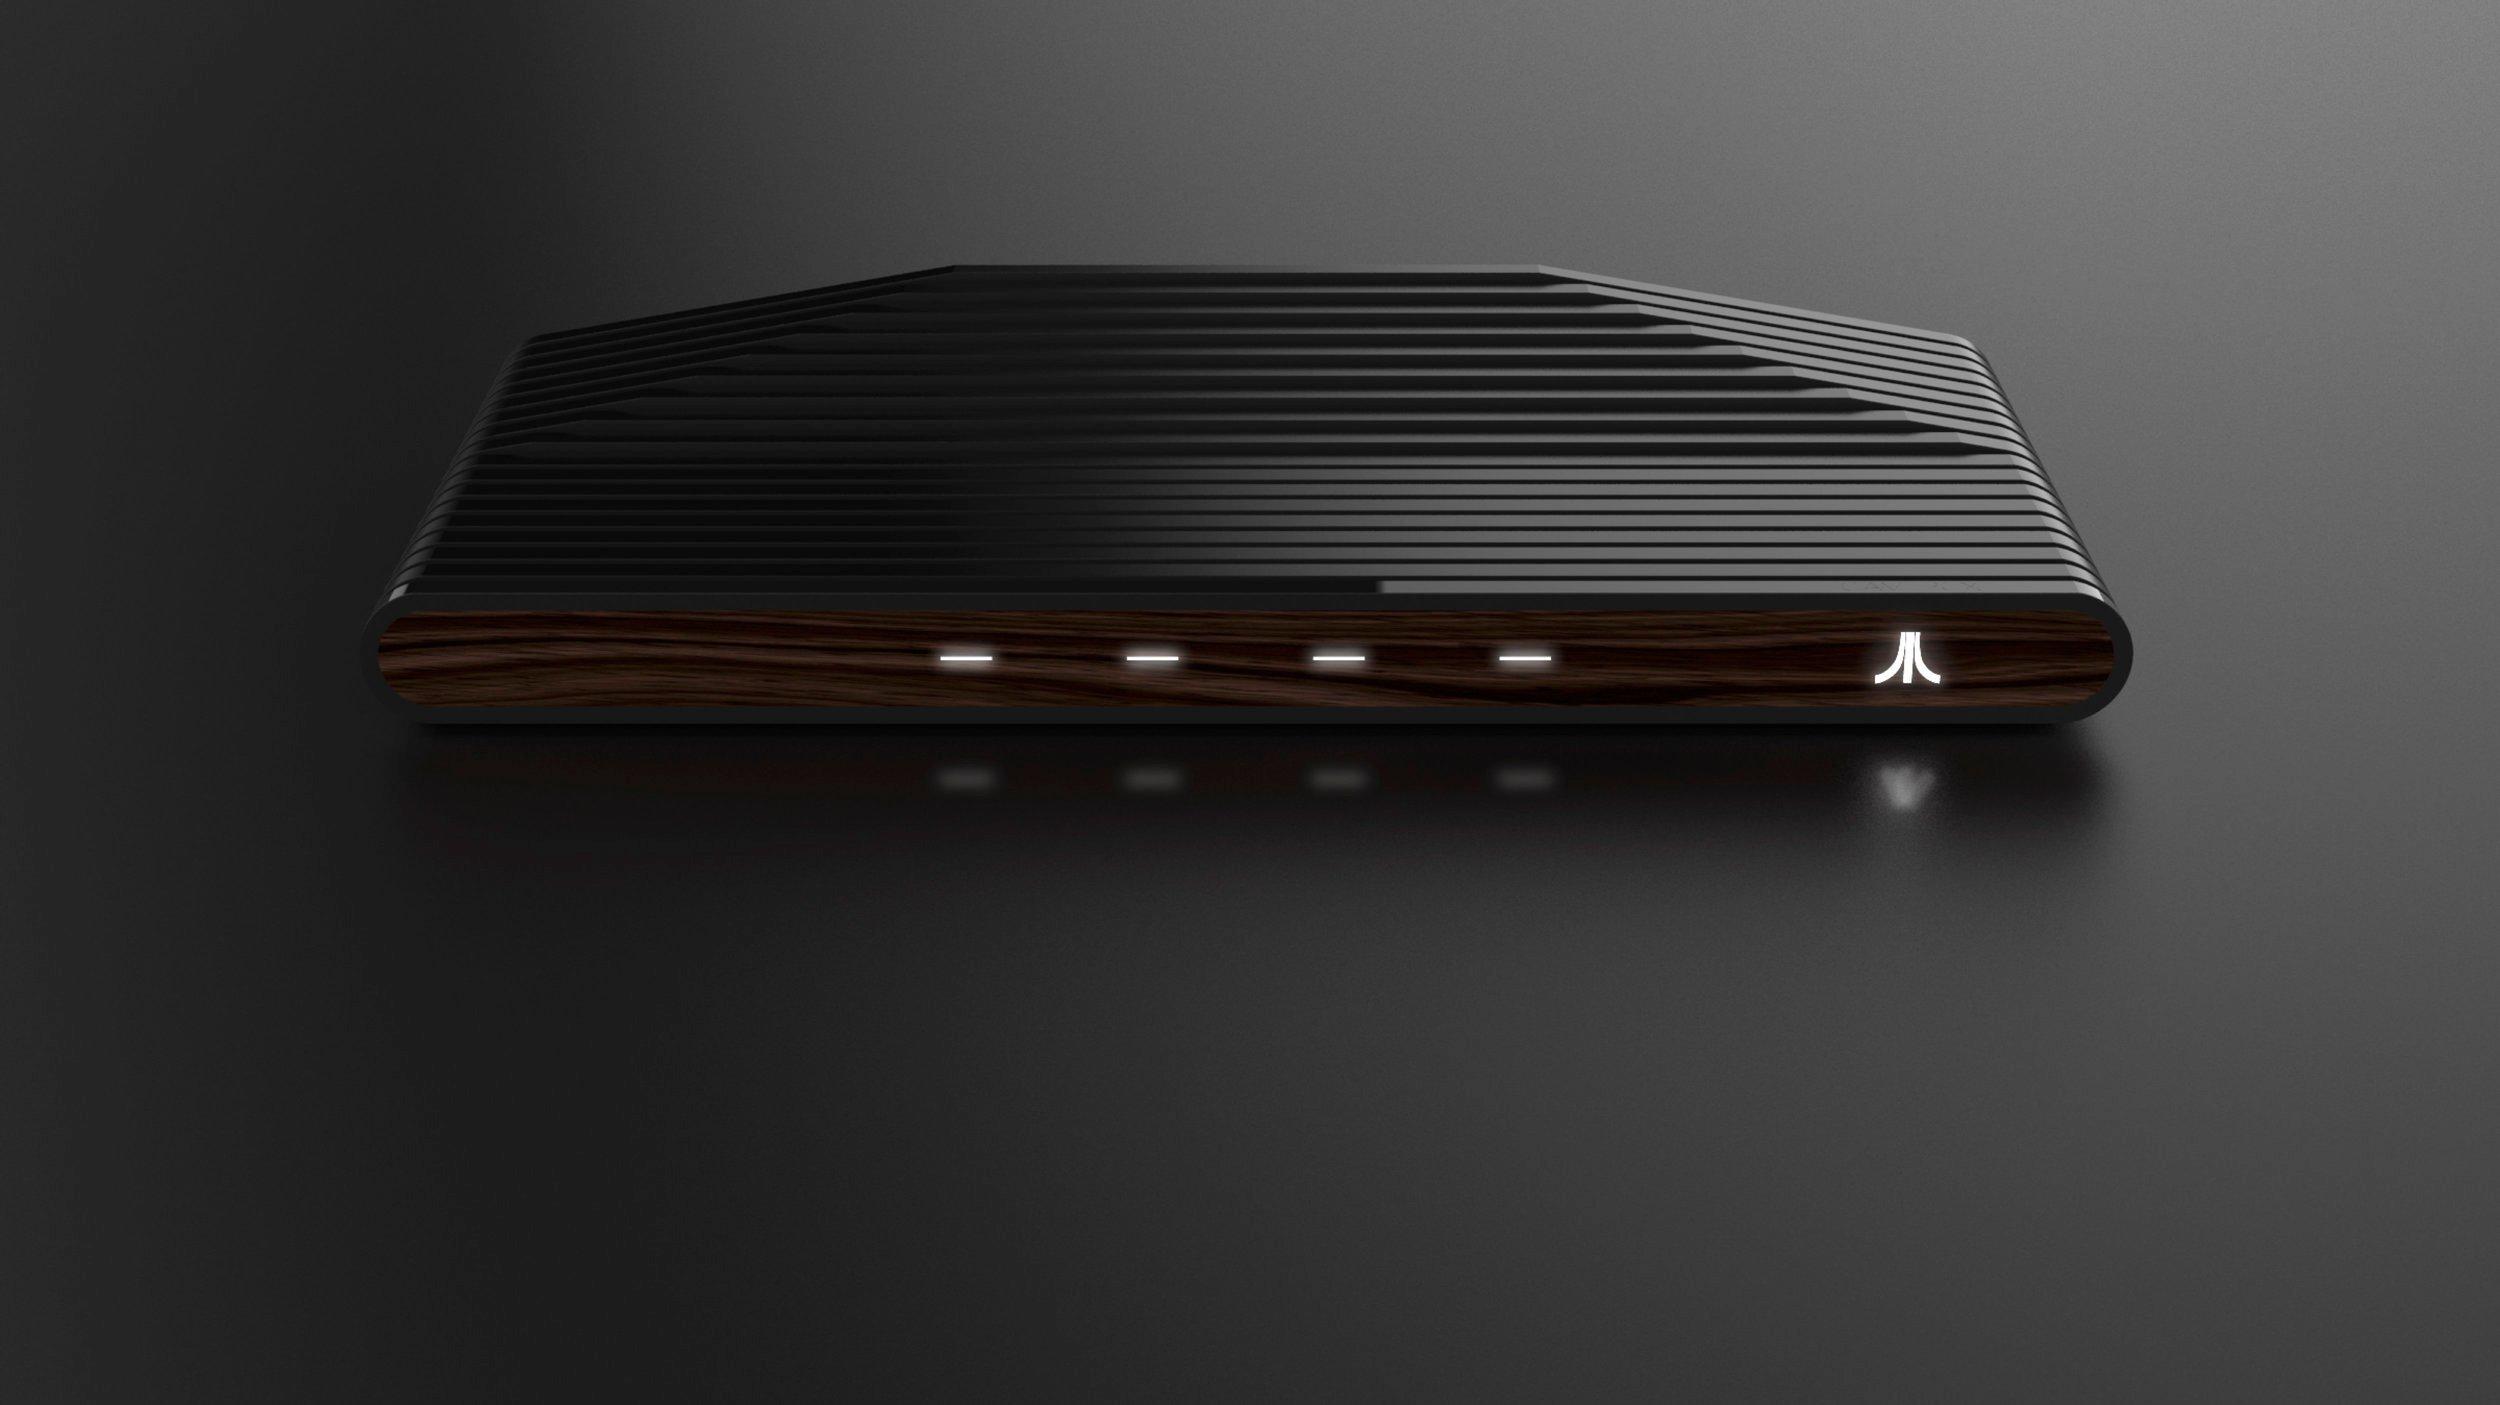 Atari está de vuelta con Ataribox: la nueva consola llena de clásicos y nostalgia hss storage midas e5eb962a93b00f2410e3fdb14e77a0c6 205482610 1